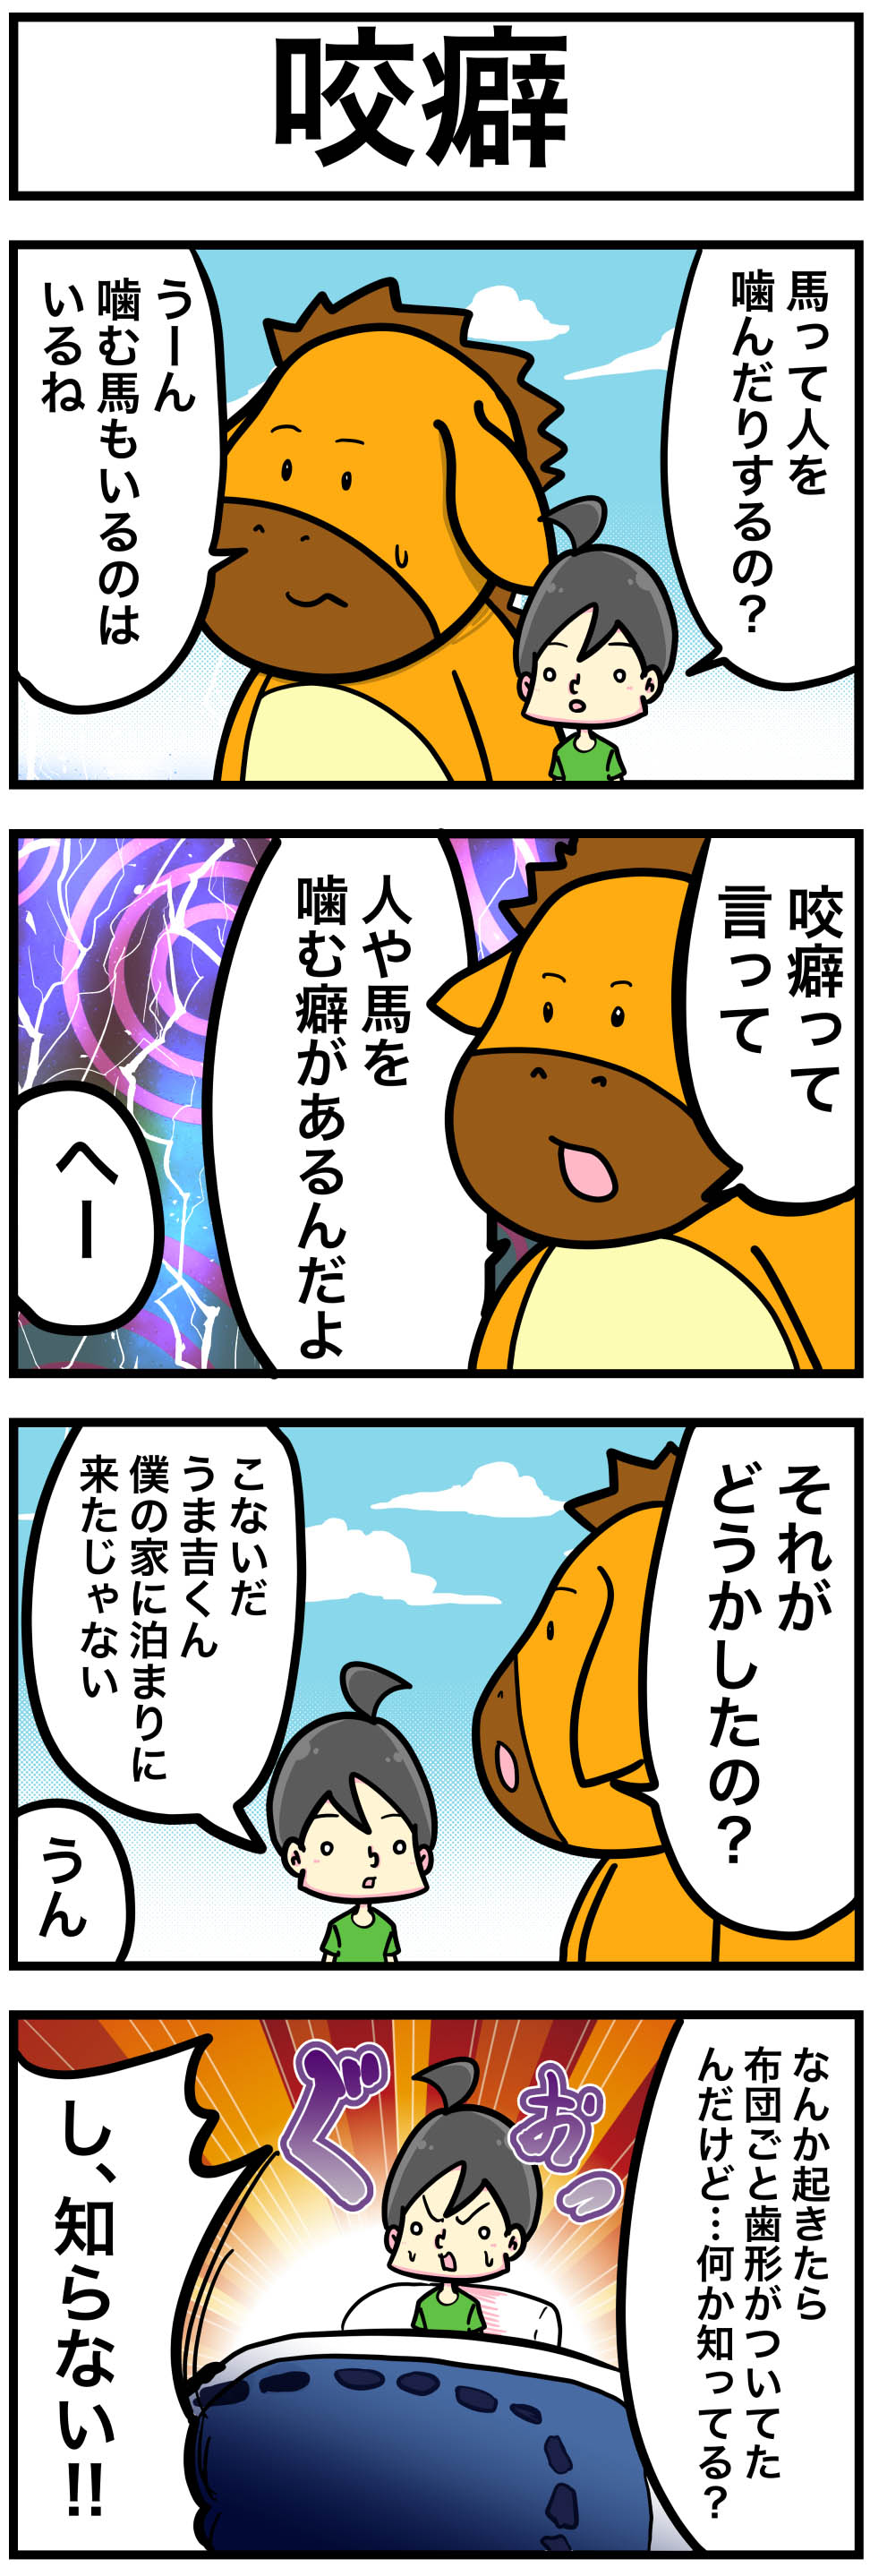 咬癖【うま吉の鉄板穴馬マンガ】